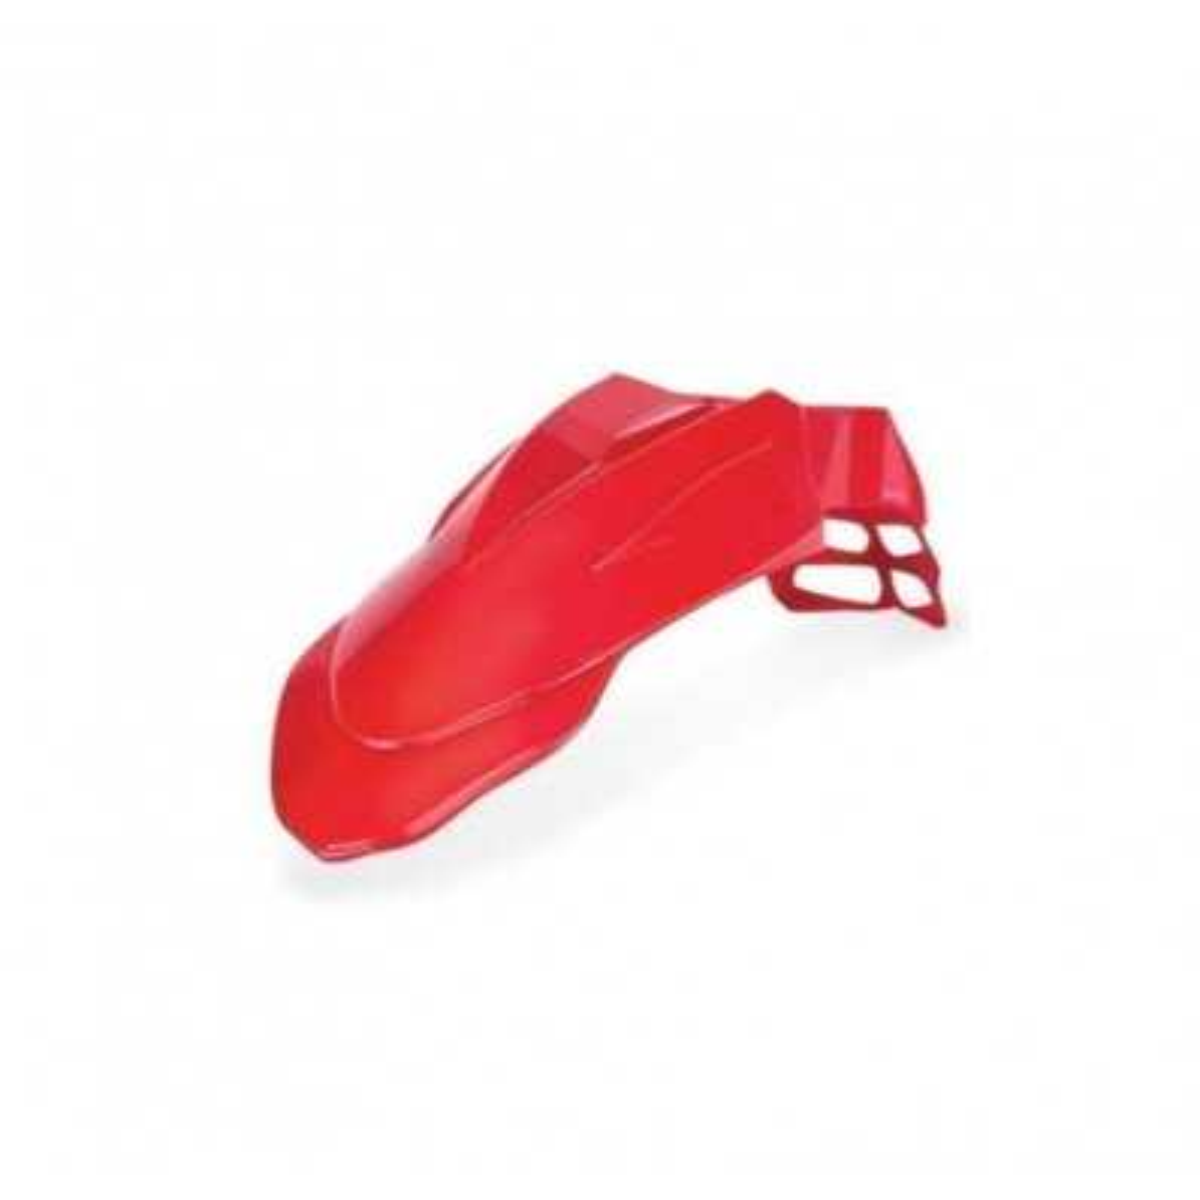 0013143-110 - Guardabarros Delantero Acerbis Honda Crf 250R 10 13 Crf 450R 09 12 Rojo